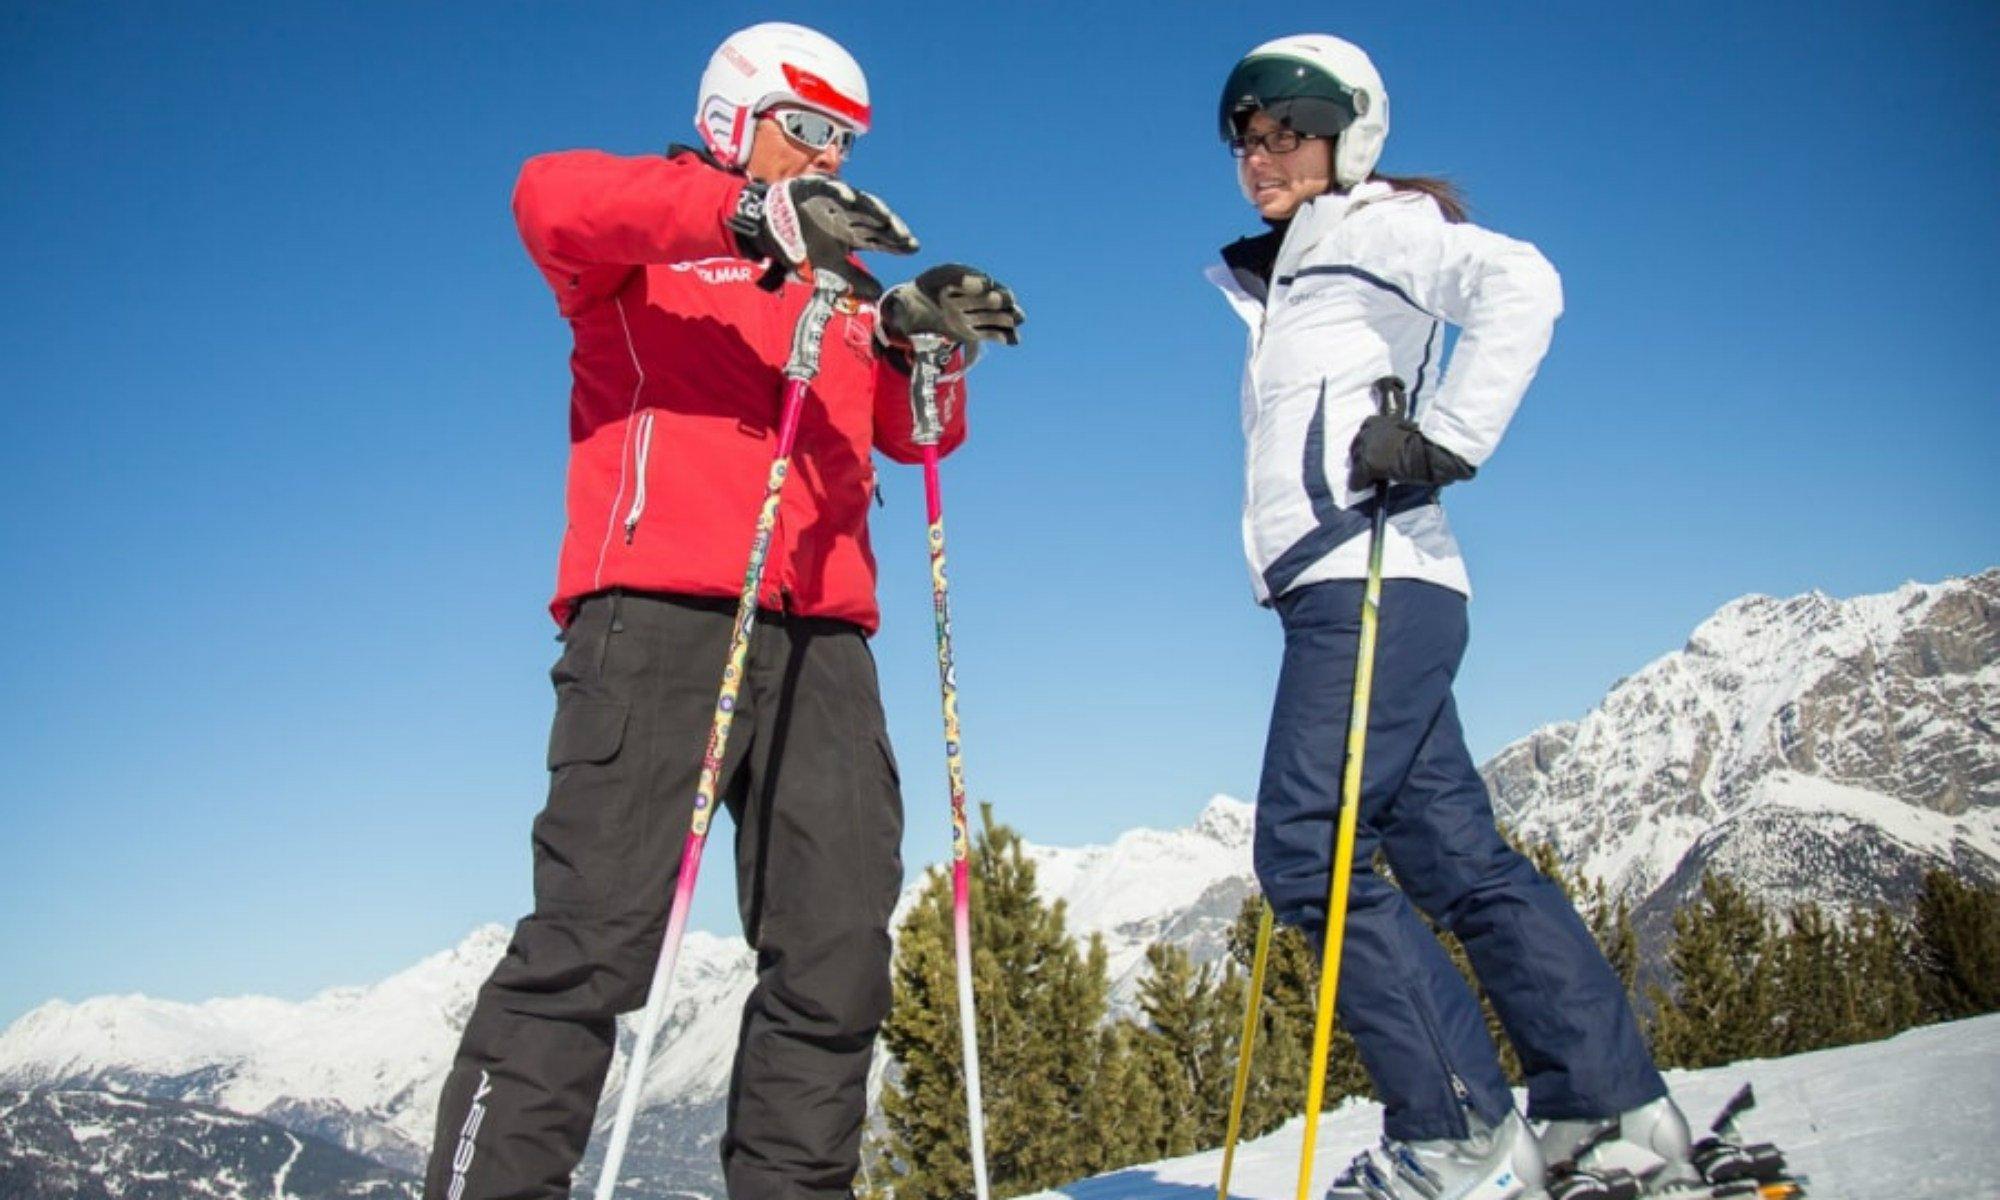 Un maestro privato di sci spiega un movimento alla sua alieva.